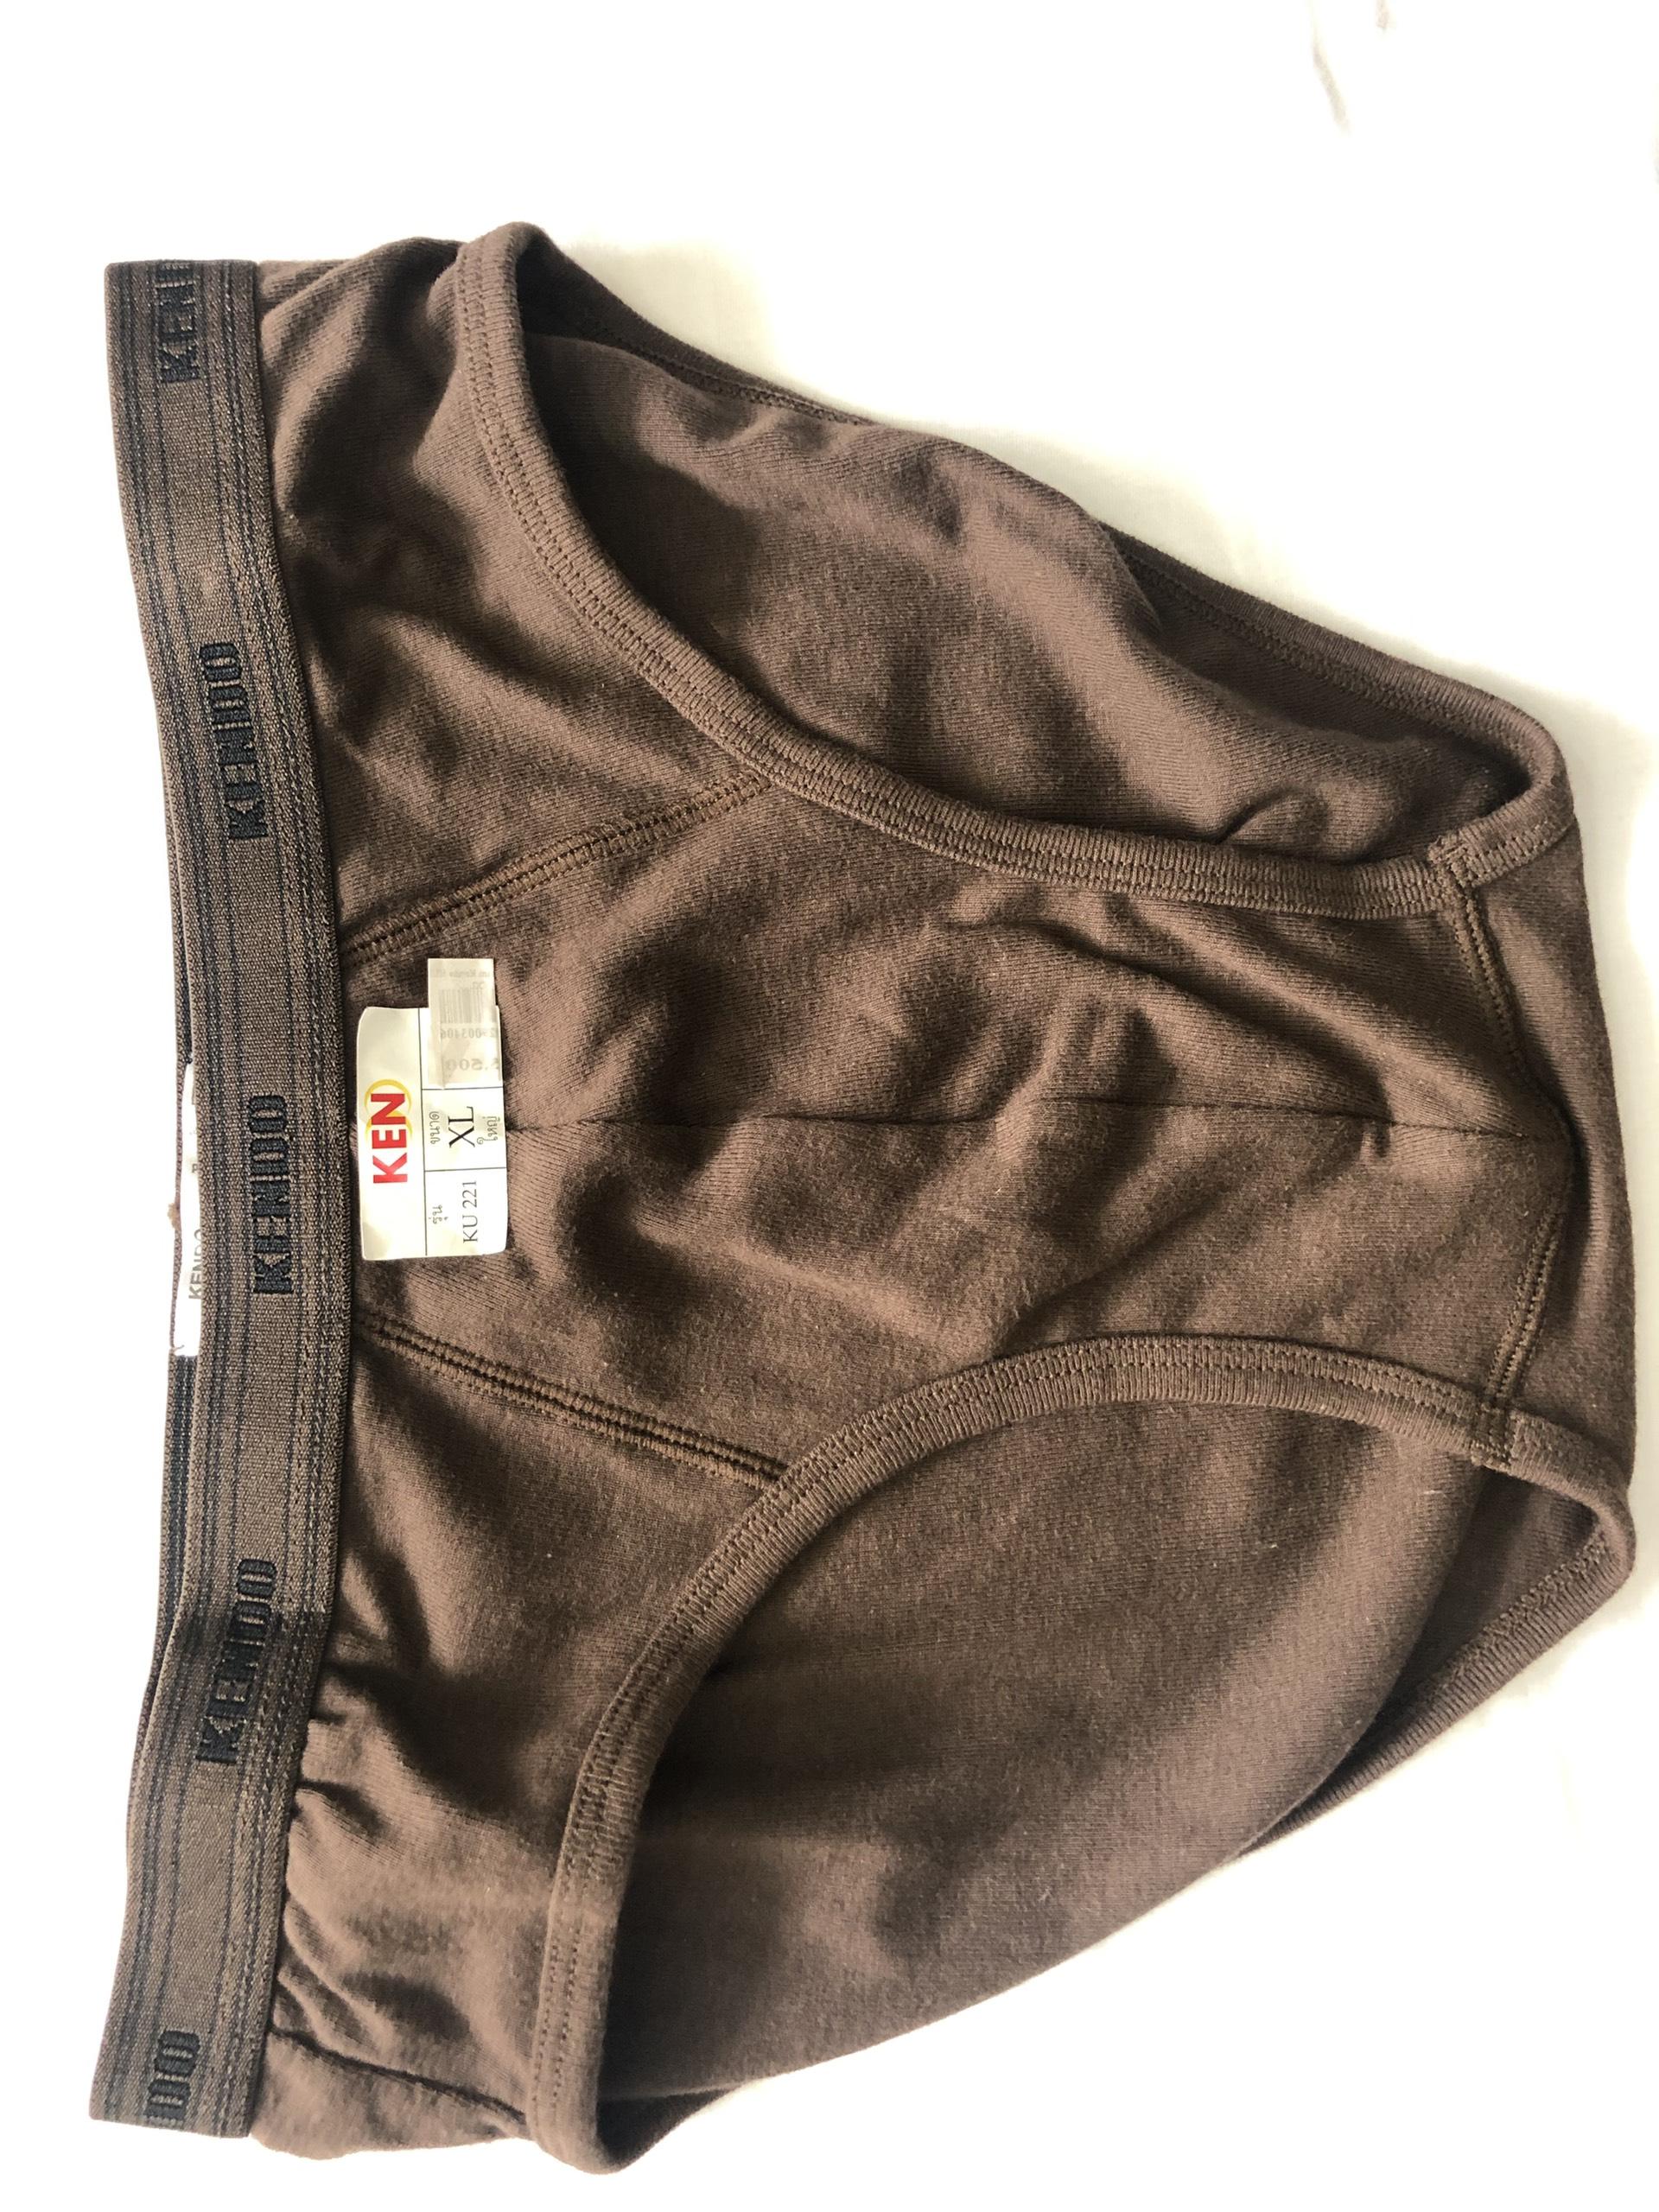 Quần lót nam loại KU 221 (100% thành phần dệt từ Cotton) , Mã số: KU 221